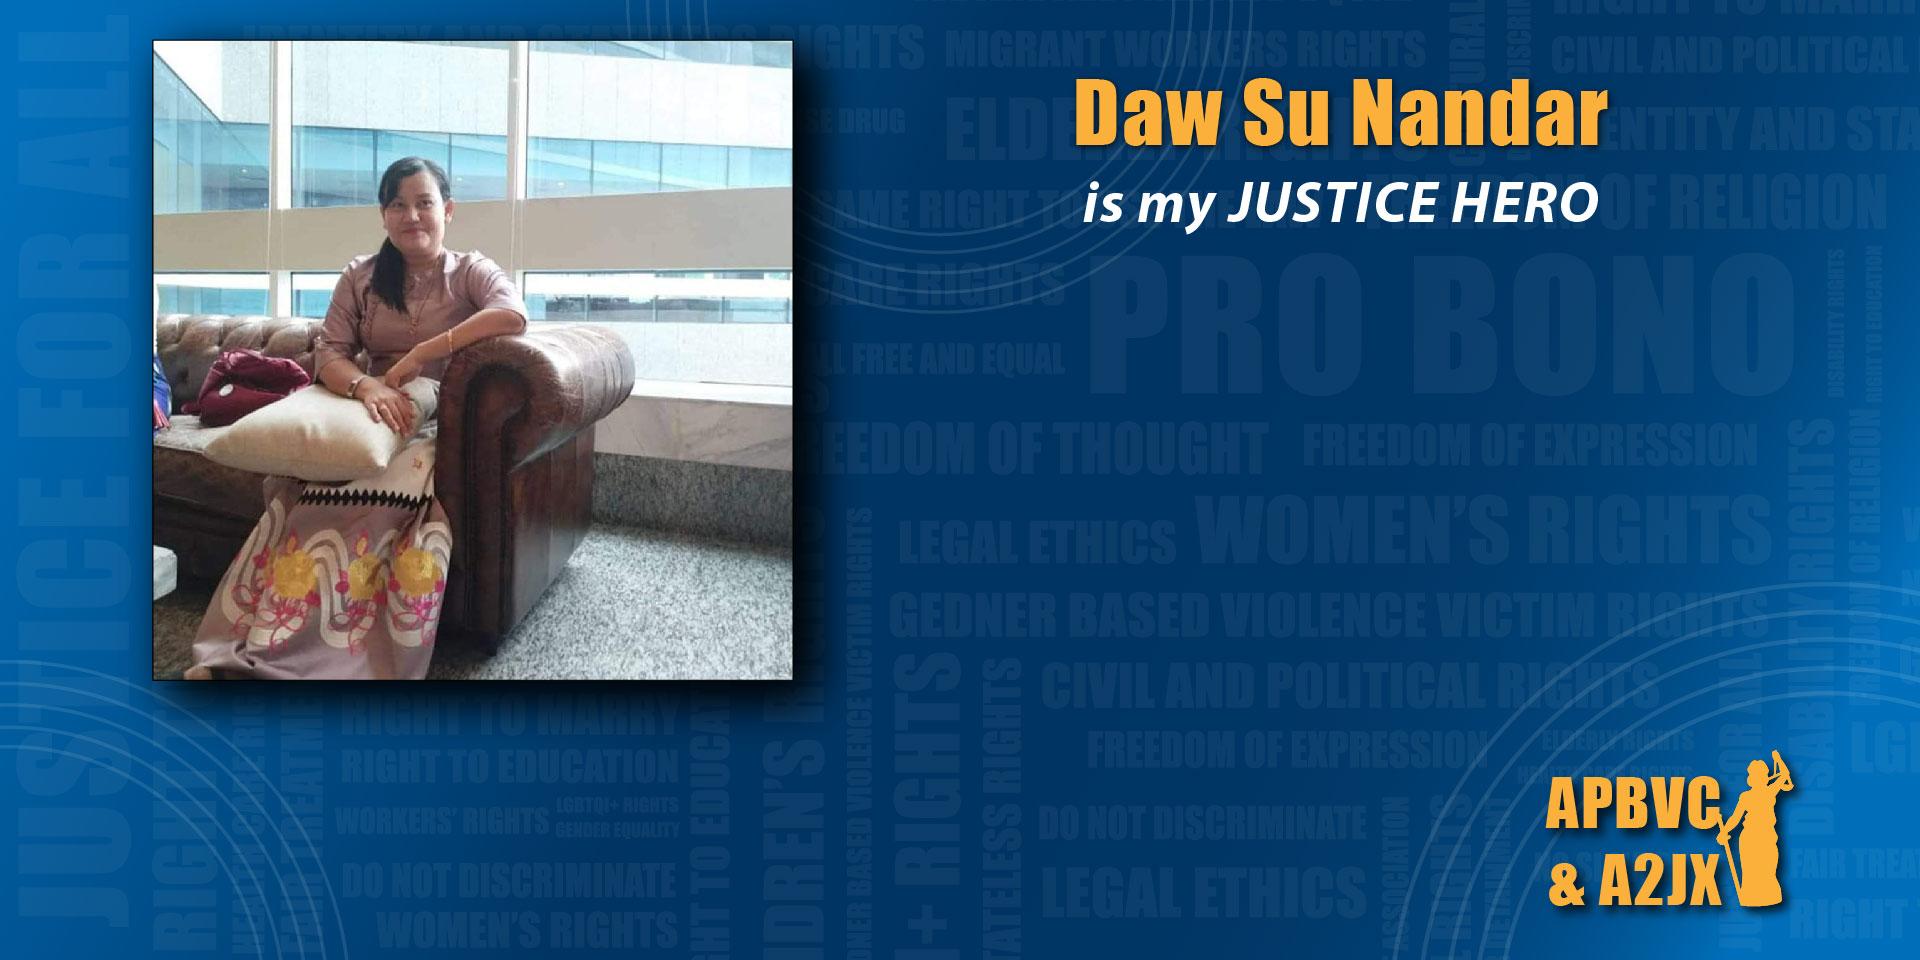 Daw Su Nandar